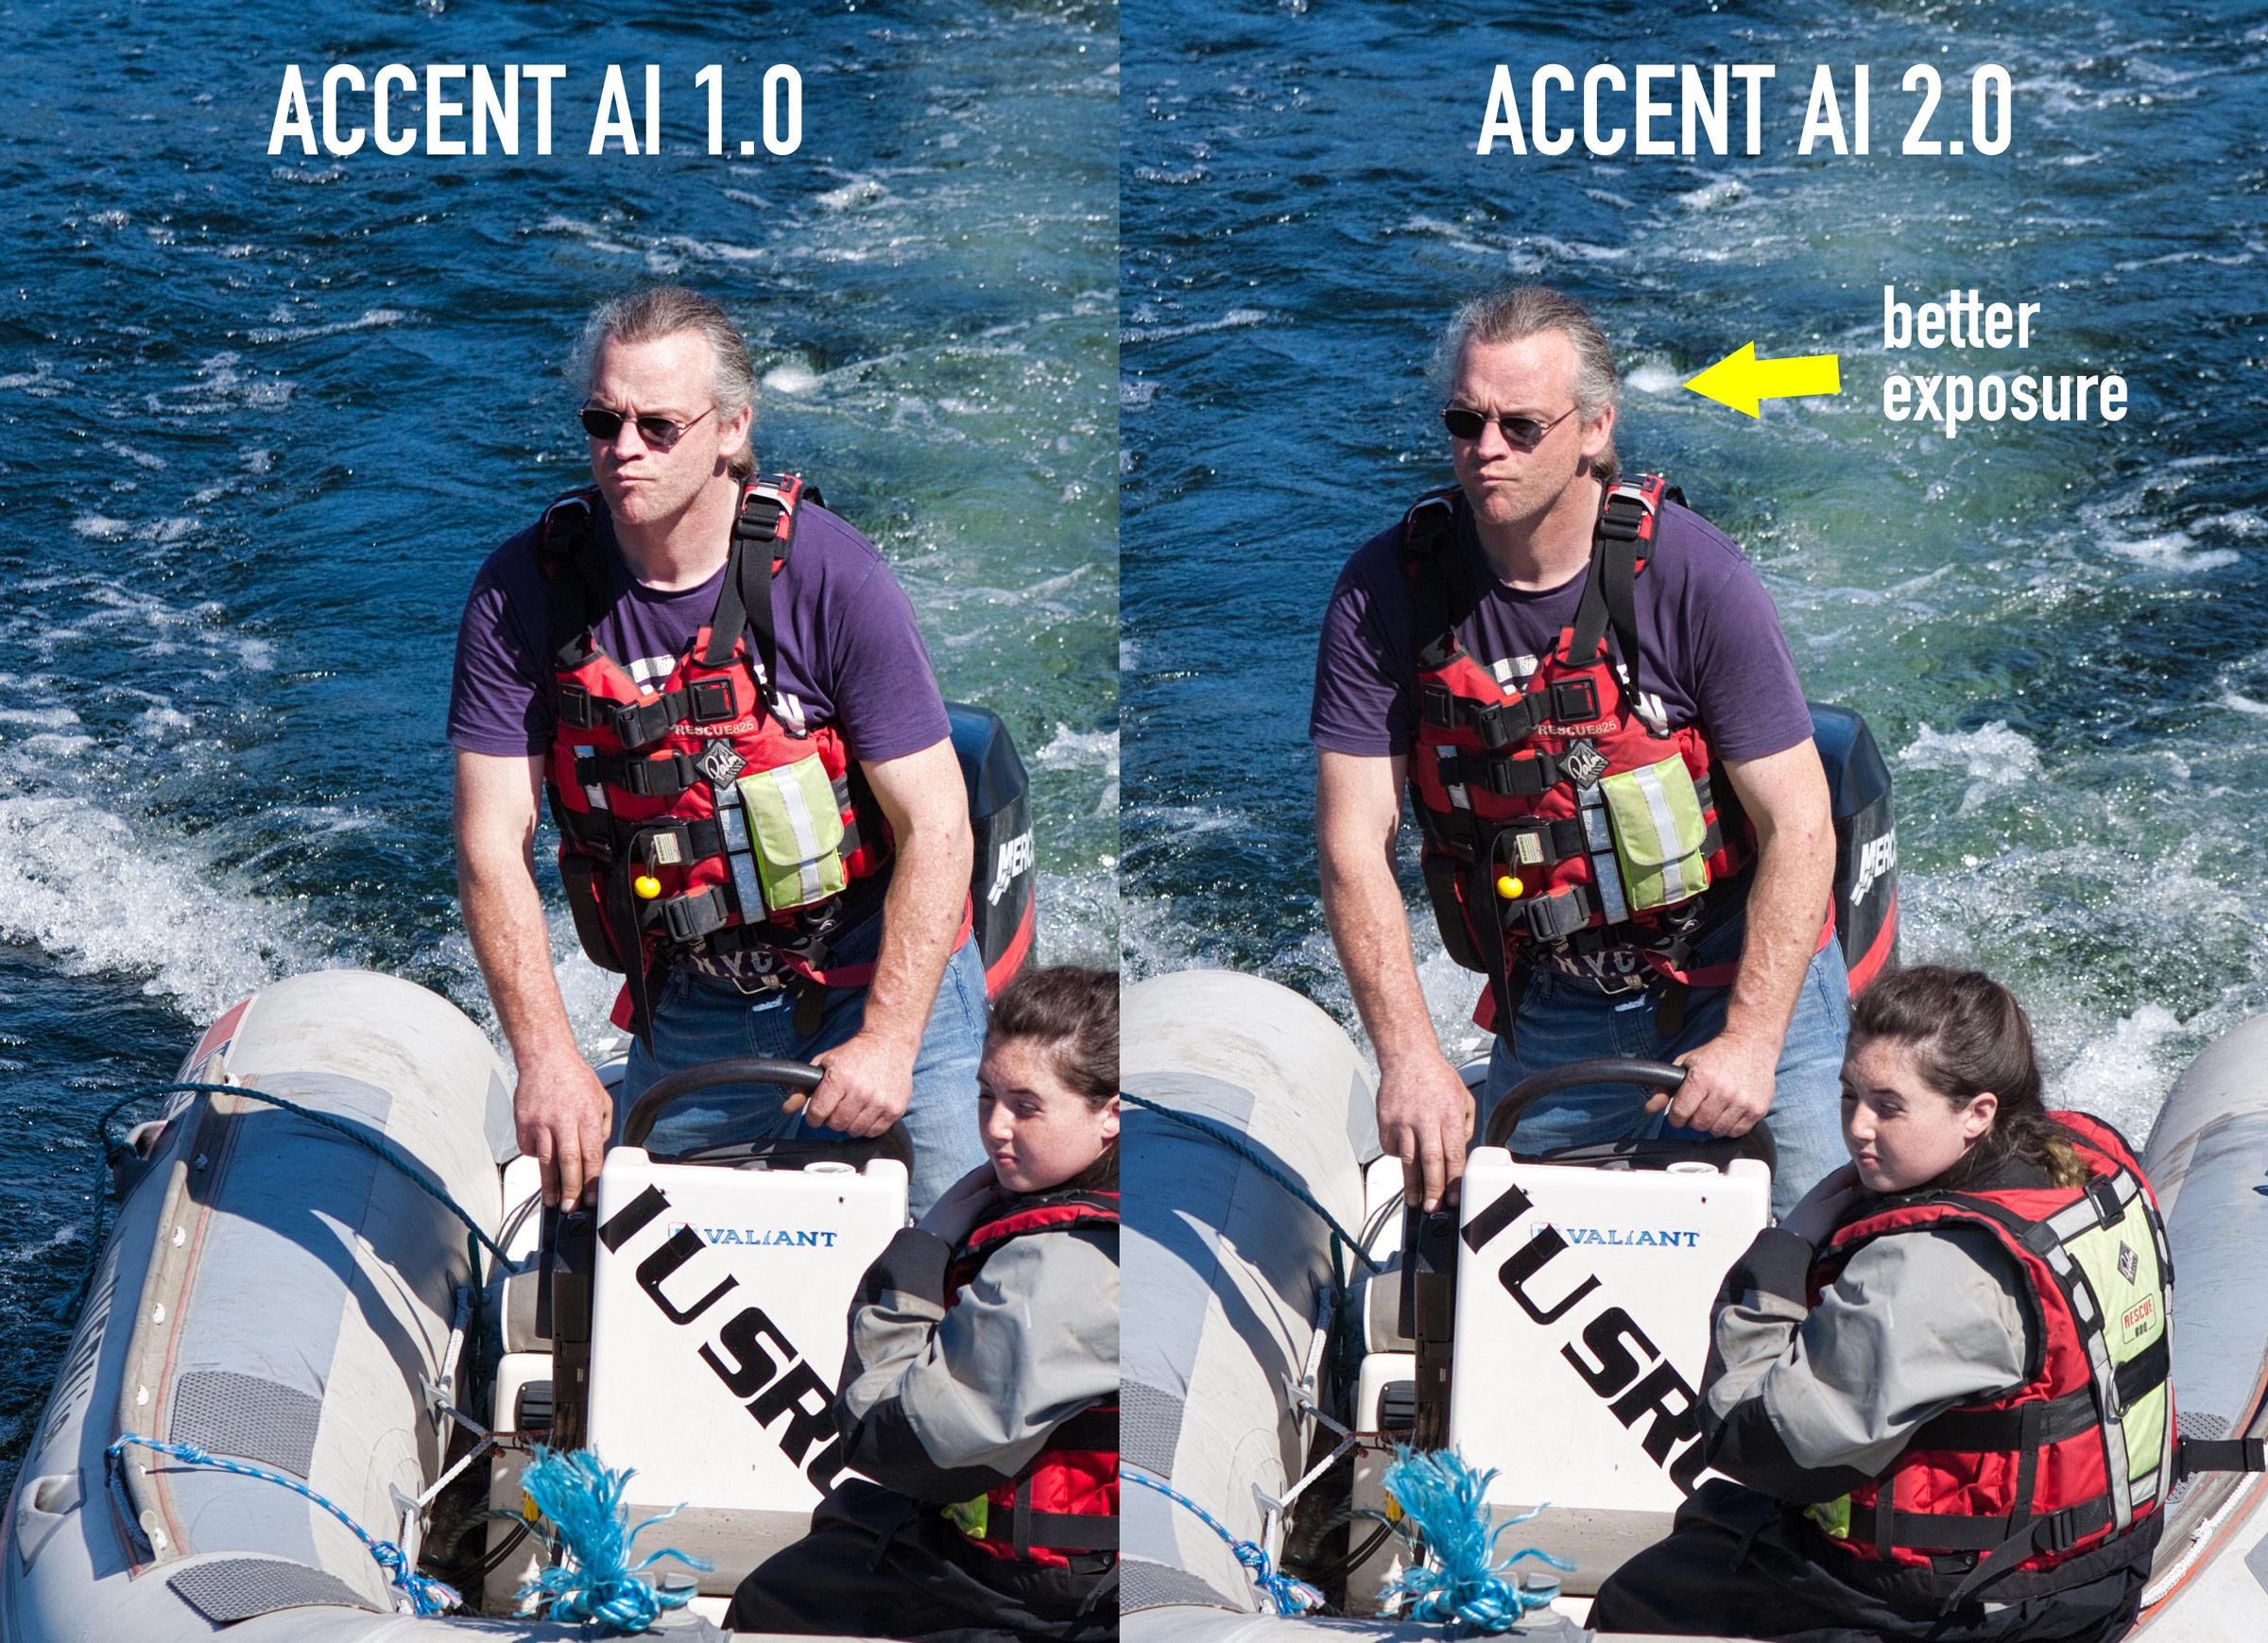 Accent AI 1.0 vs Accent AI 2.0 in Luminar 3.1